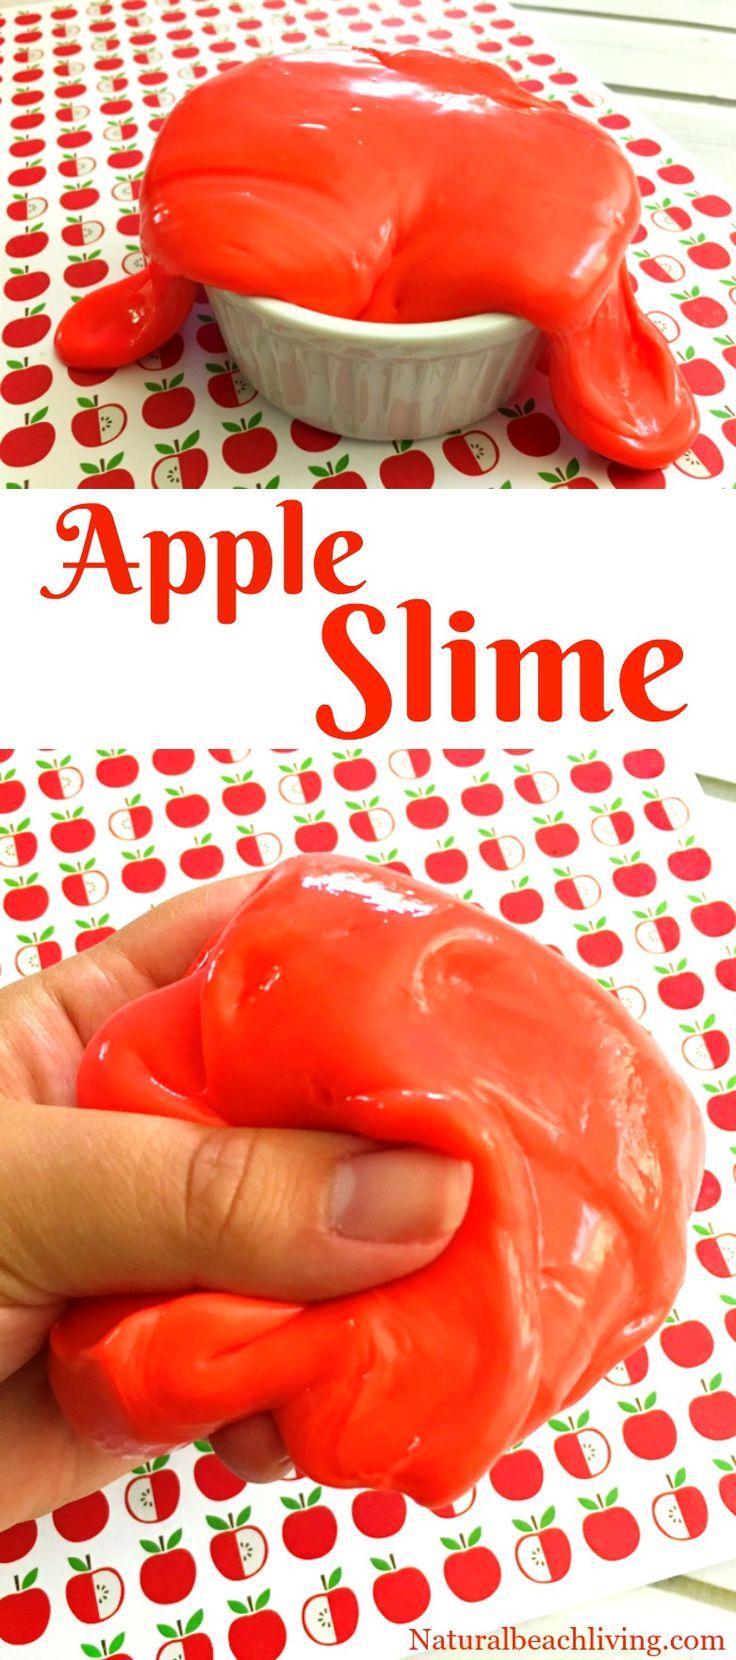 How to Make Apple Jiggly Slime, Jiggly Slime Recipe, Apple Scented Slime, Slime Recipe, Homemade Slime, Fall Sensory Play, Borax Slime for Kids Activities